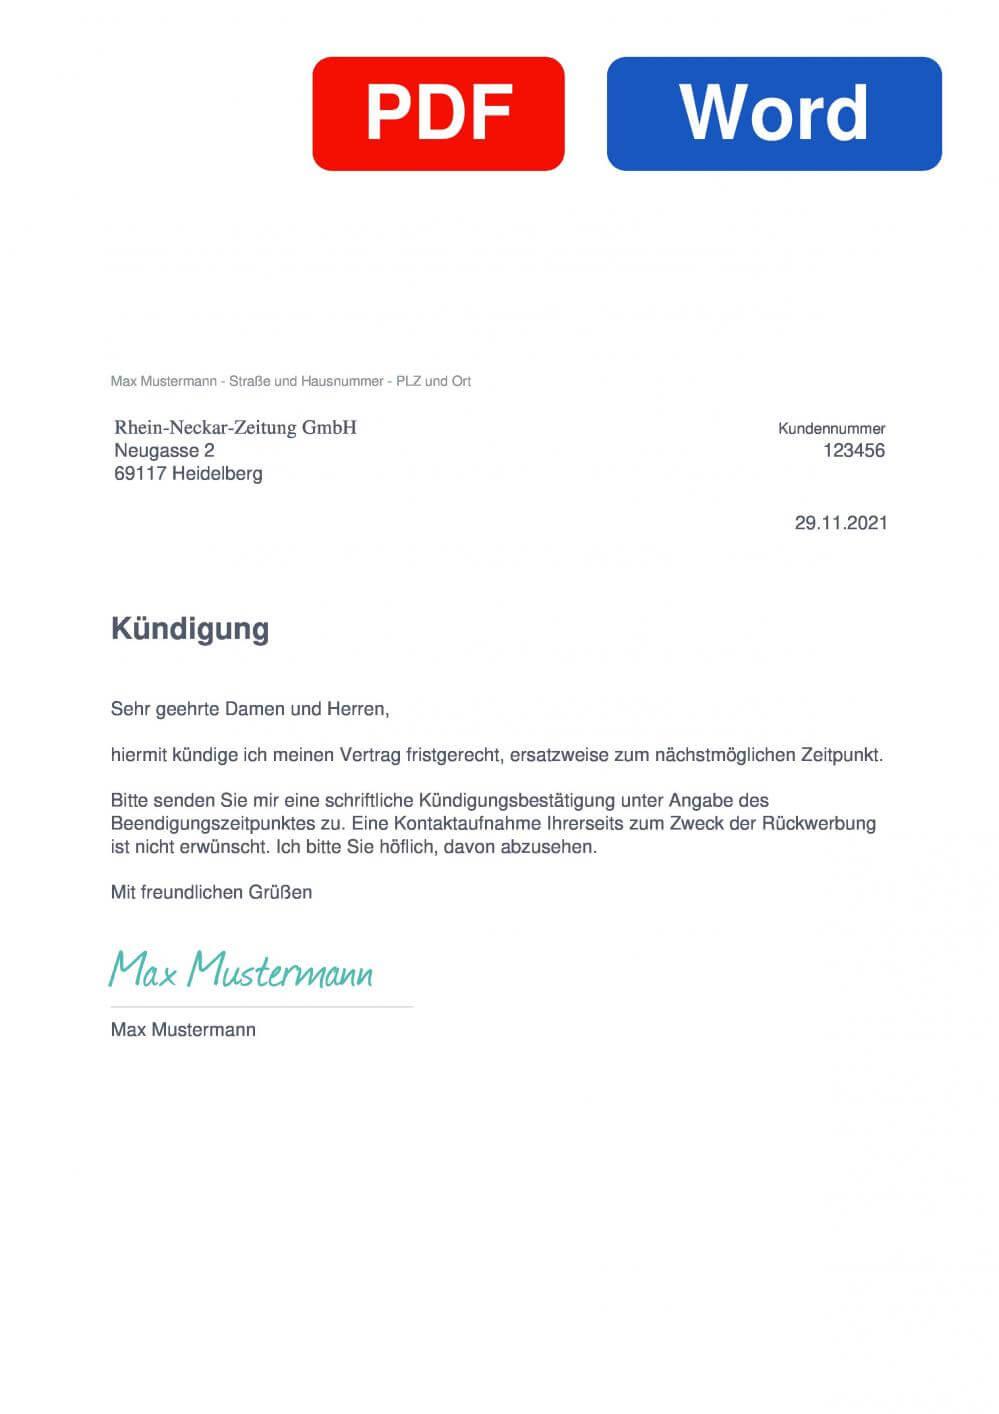 Rhein-Neckar-Zeitung Muster Vorlage für Kündigungsschreiben